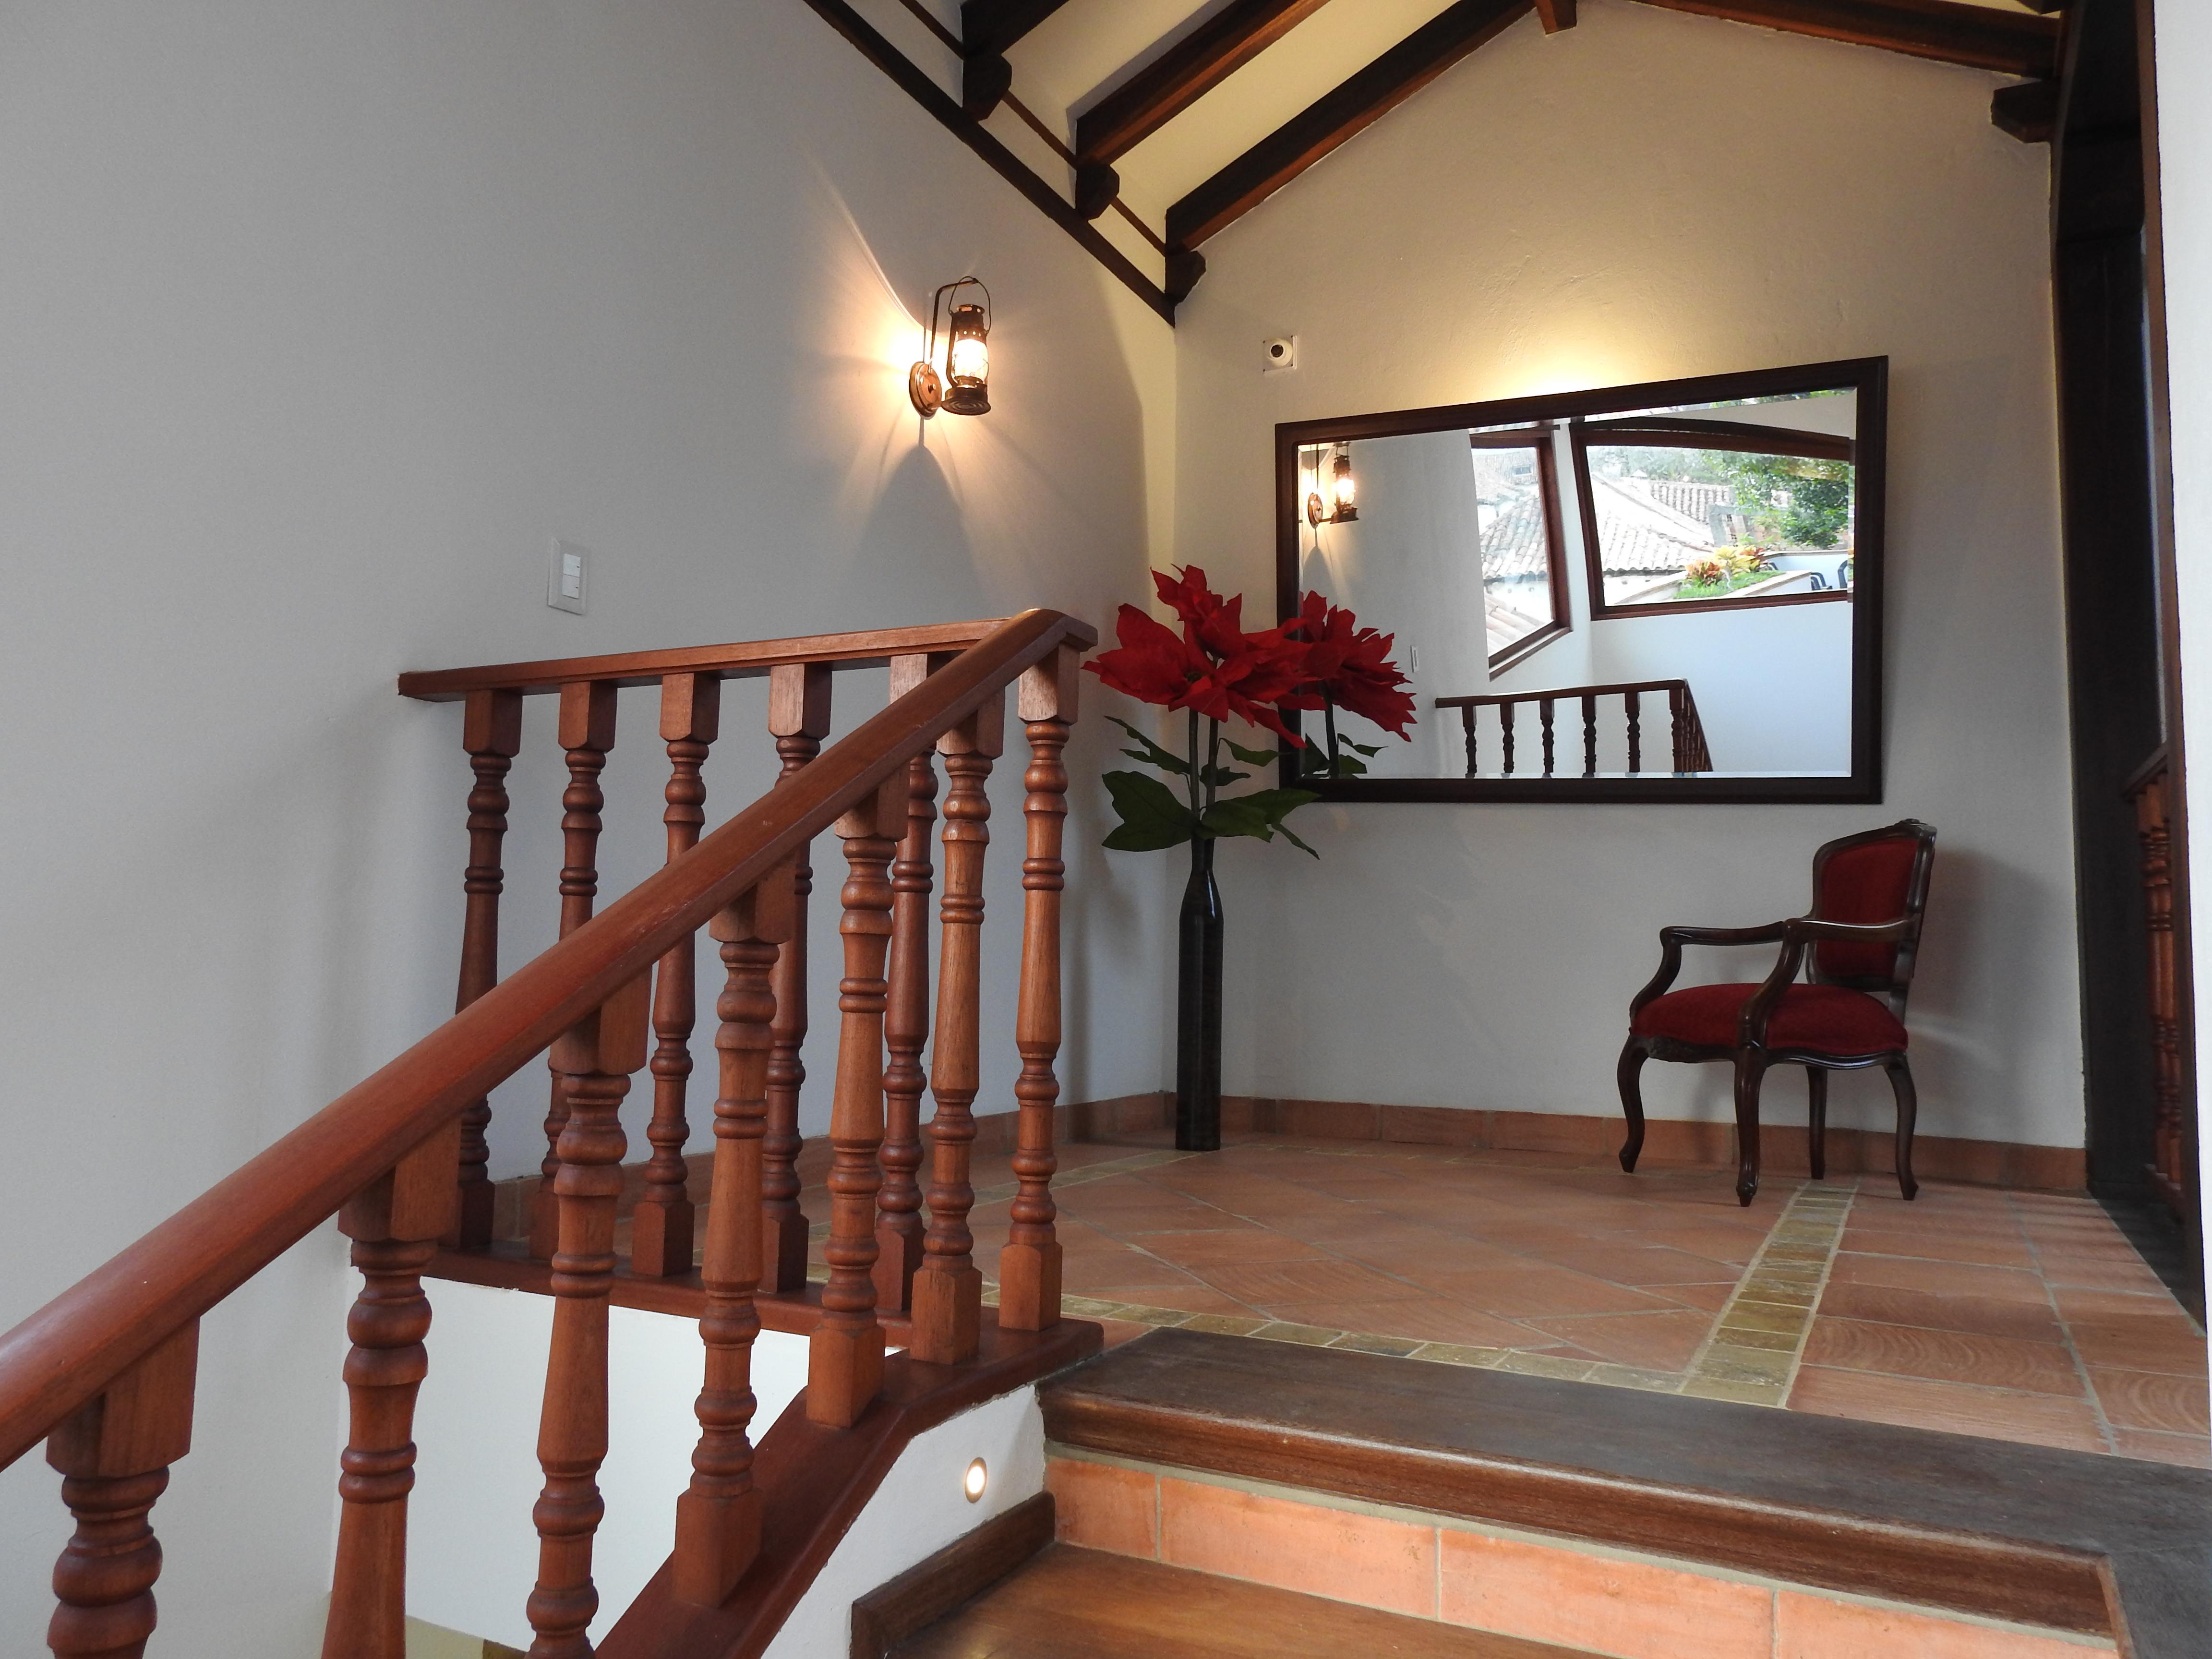 Escaleras 2° piso